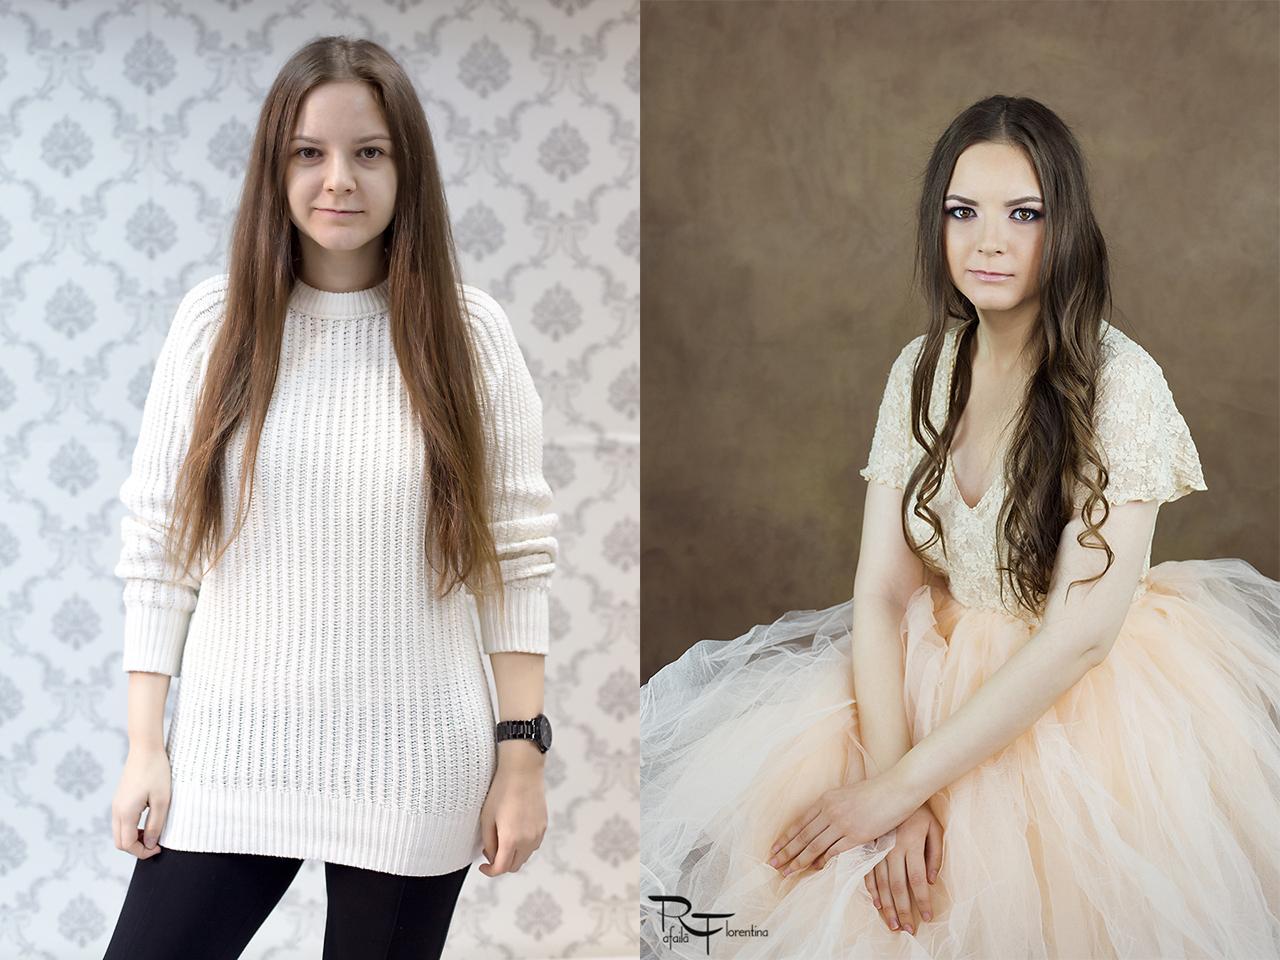 fotograf-portret-femei-bucuresti